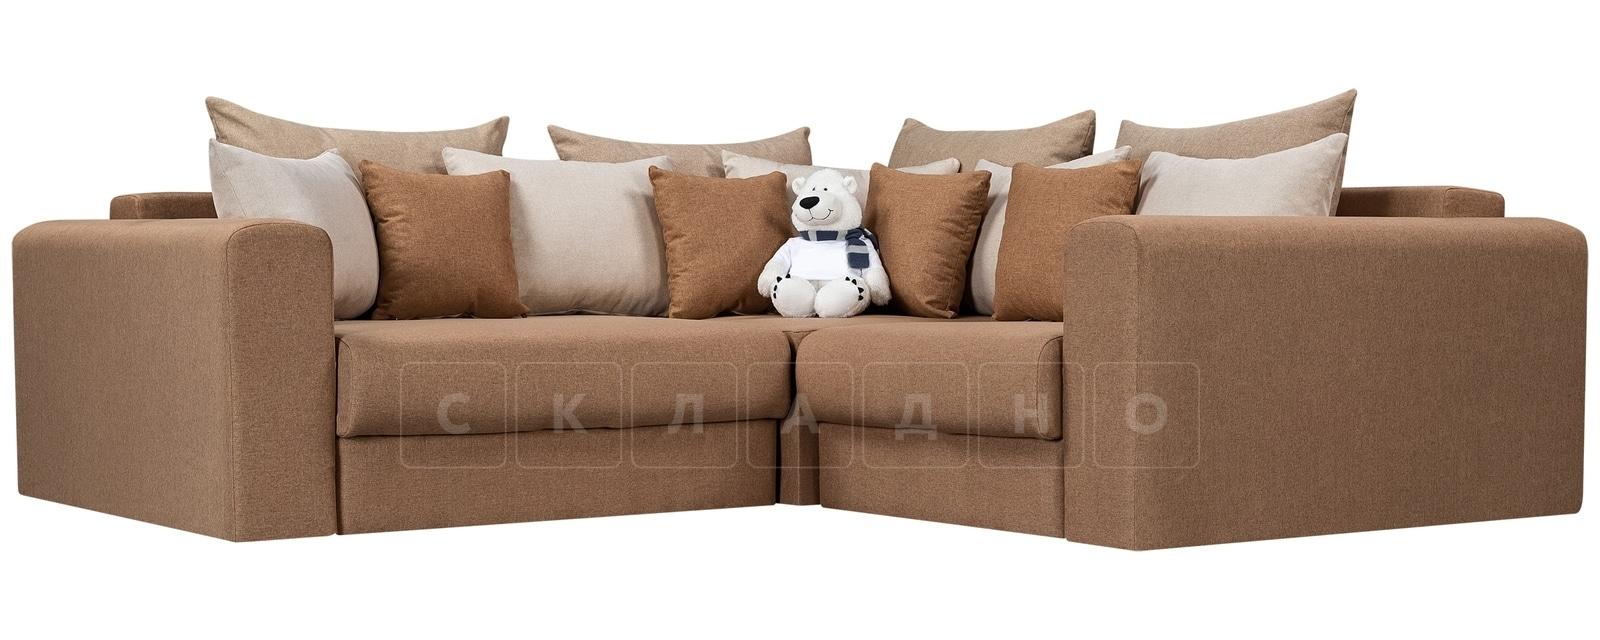 Угловой диван Медисон коричневый 244х224 см фото 1 | интернет-магазин Складно